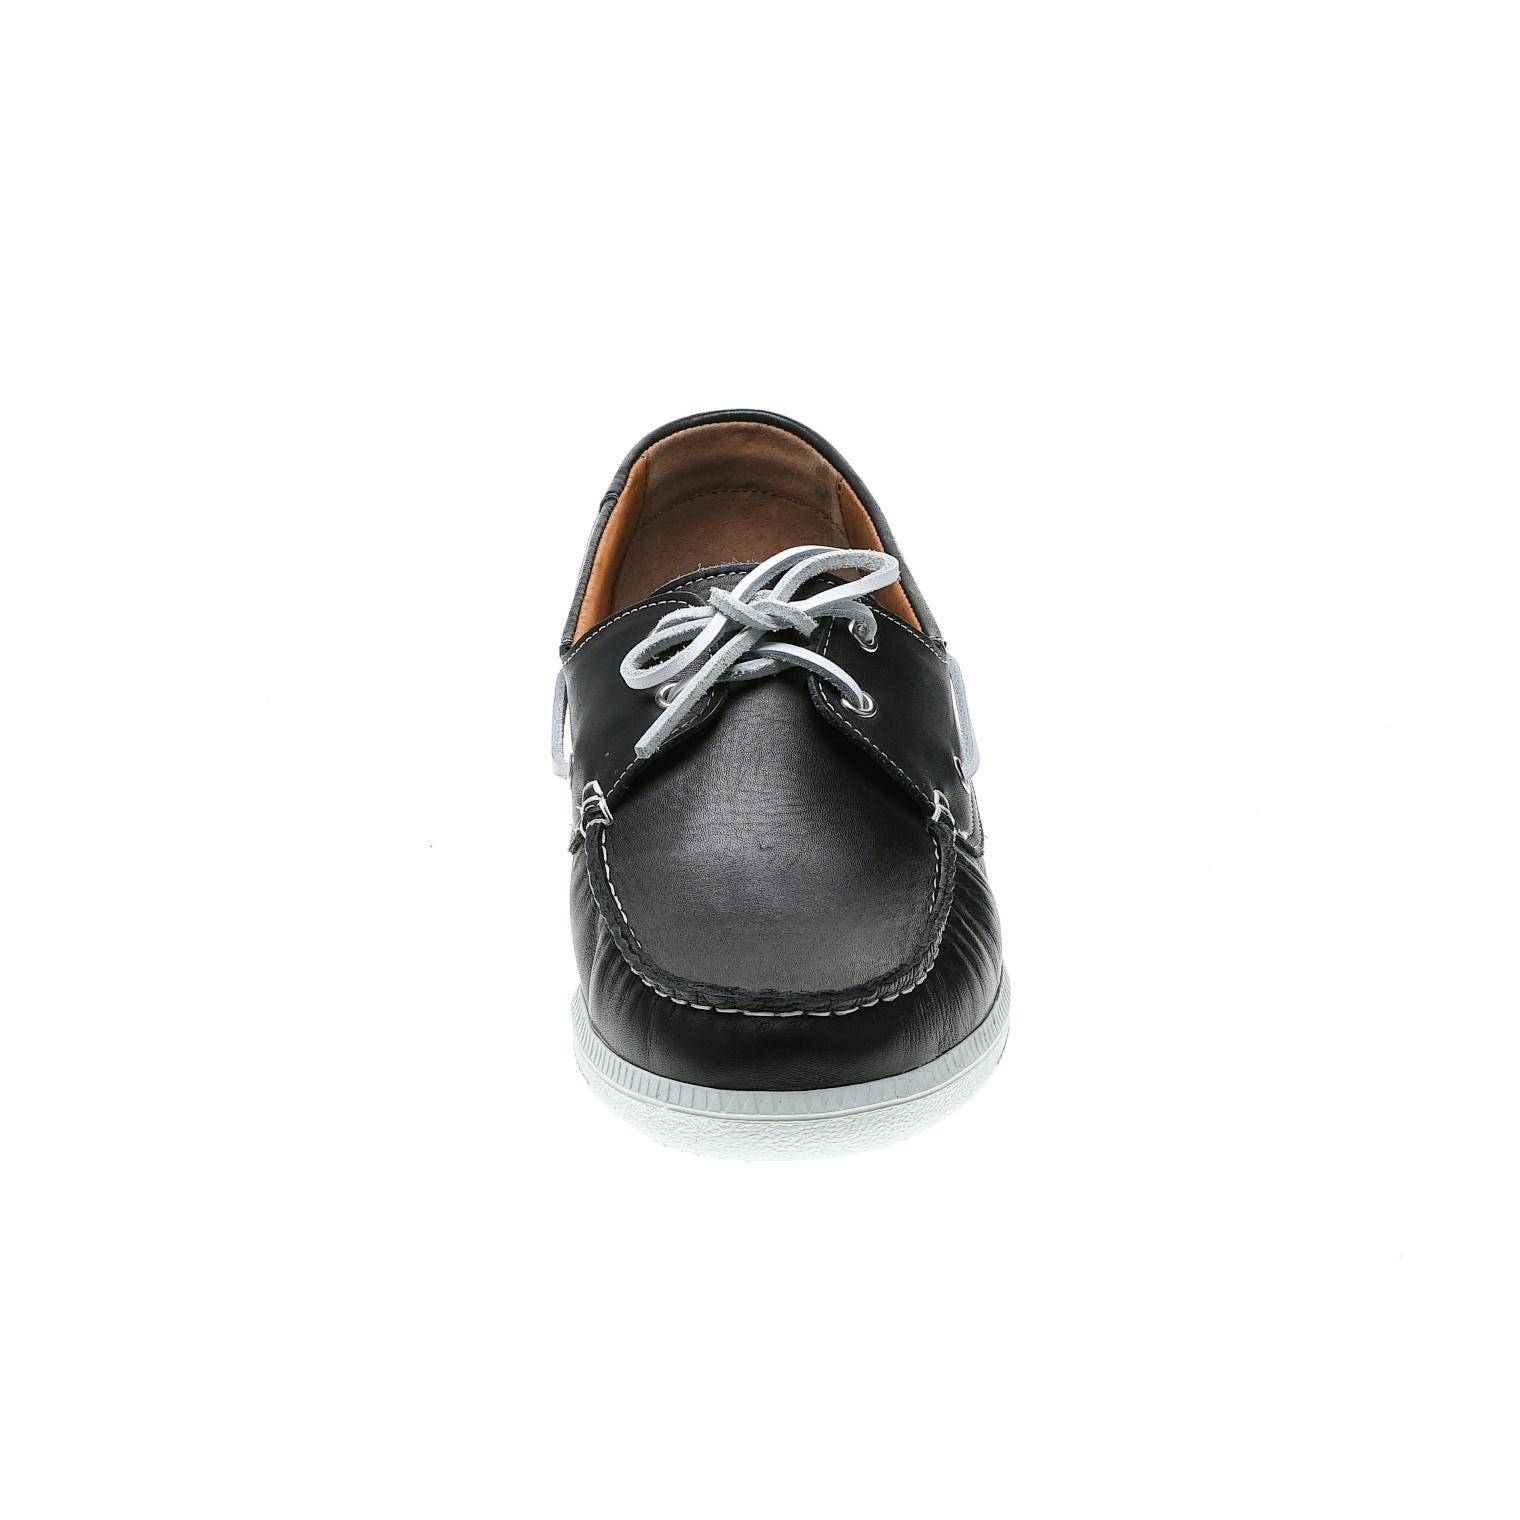 573296 полуботинки мужские черные больших размеров марки Делфино